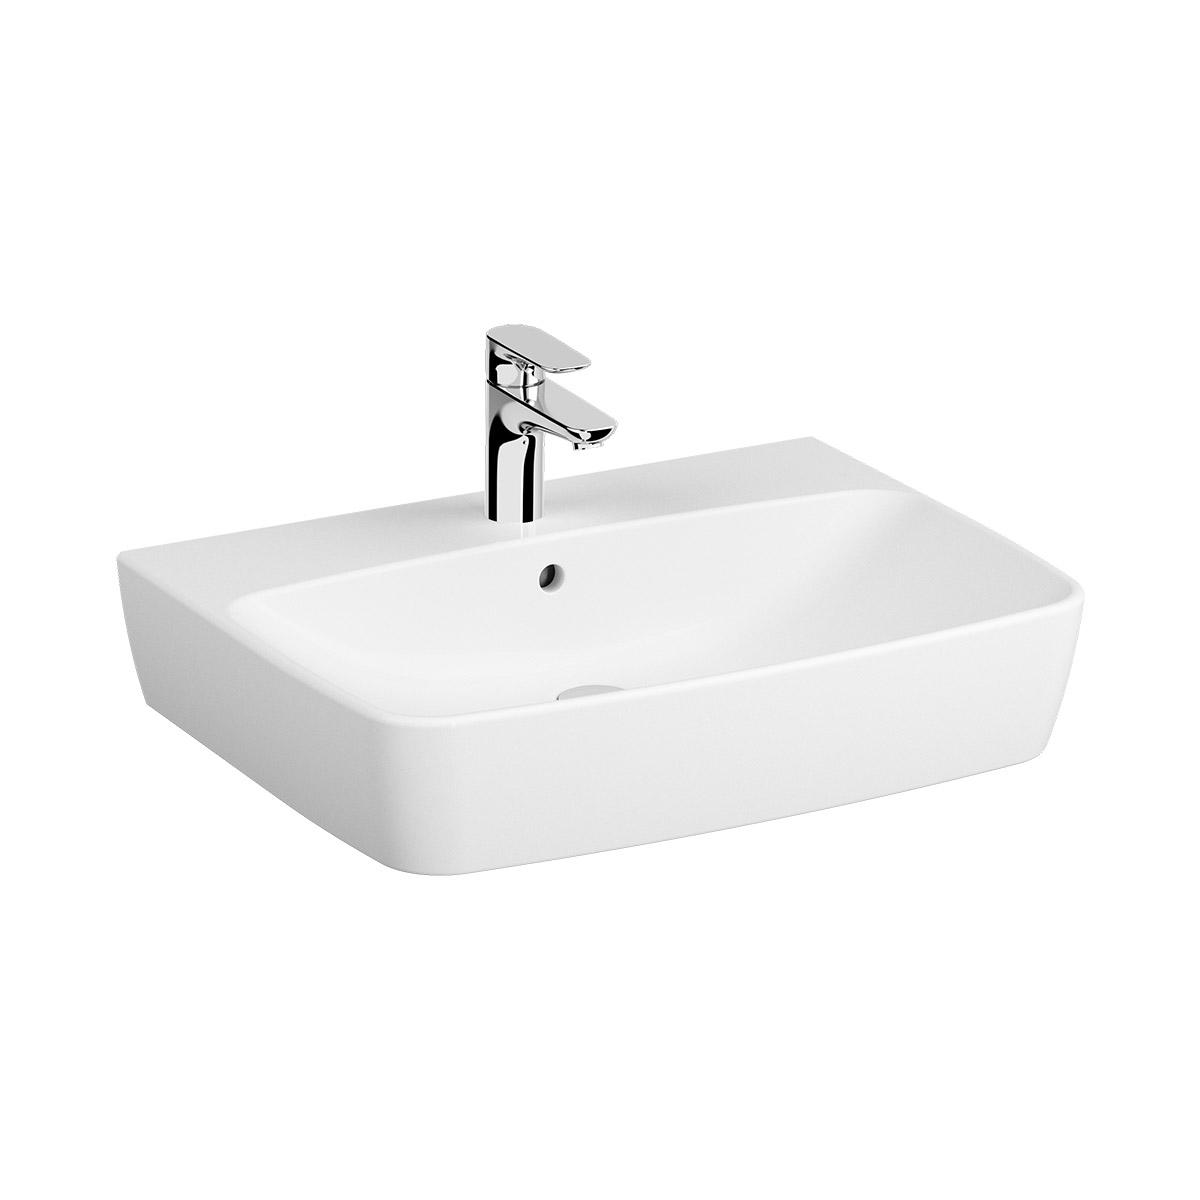 Shift Waschtisch 65 cm, mit Hahnlochbank, mit Hahnloch mittig, mit Überlaufloch, Weiß, VitrA Clean